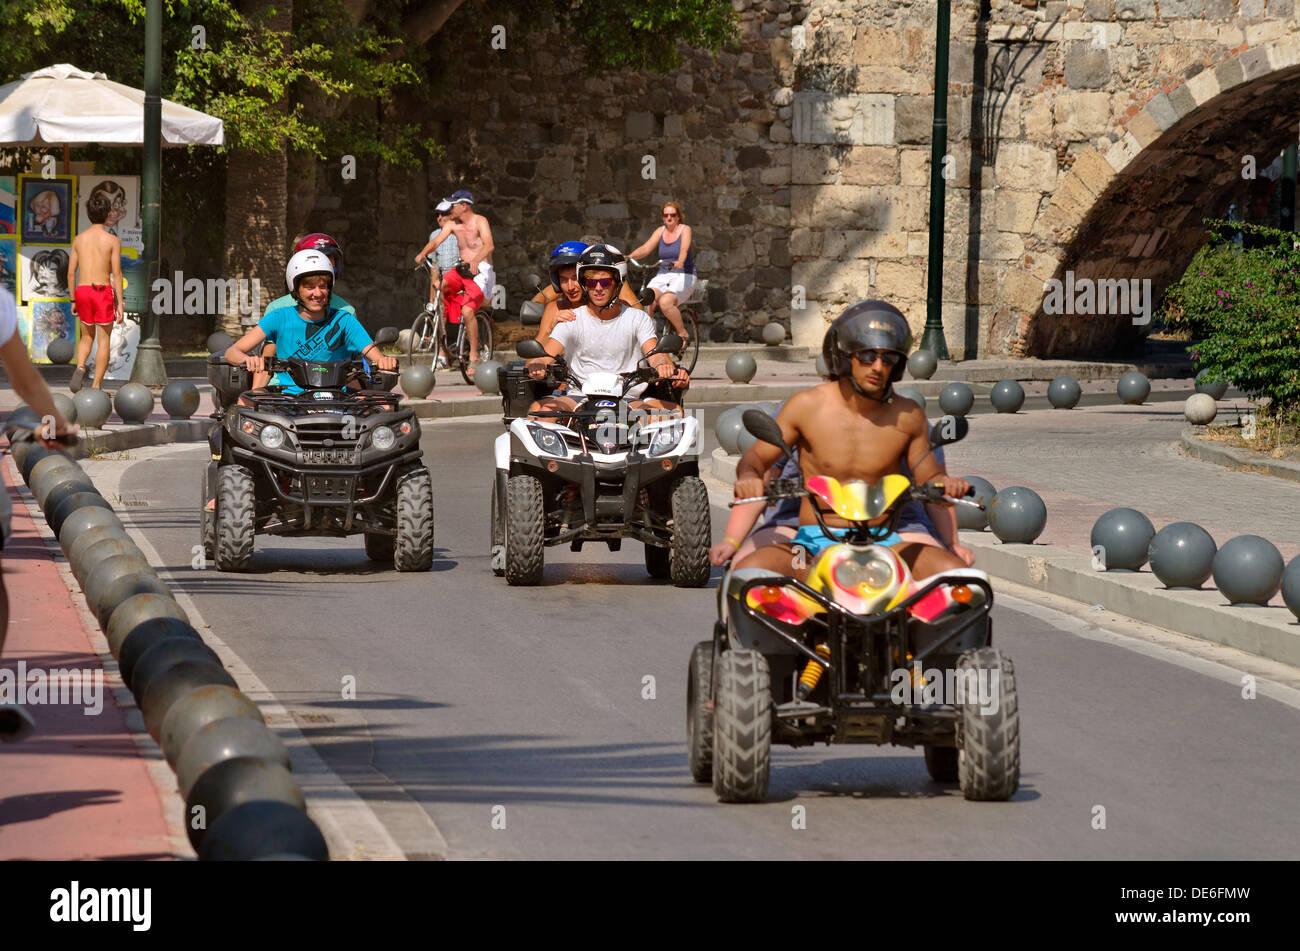 Rental Quad bikes in Kos town, Kos, Greece - Stock Image